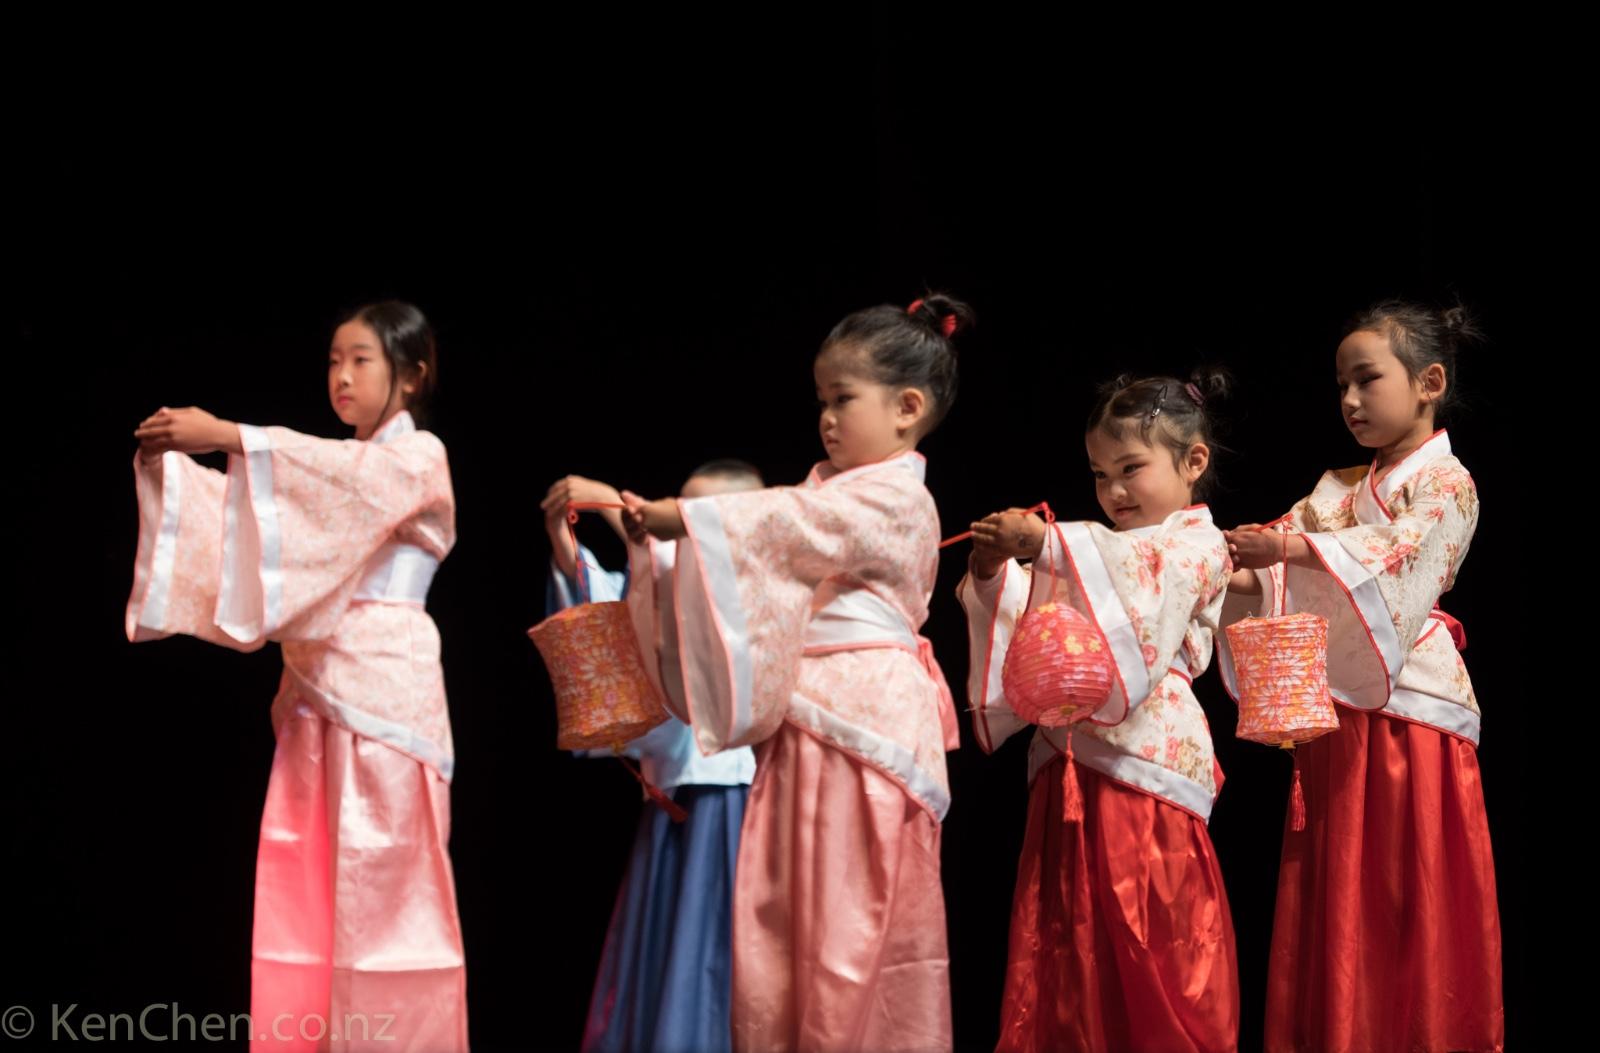 第四届2019新西兰多元化专业舞蹈交流晚会_kenchen.co.nz_9312.jpg